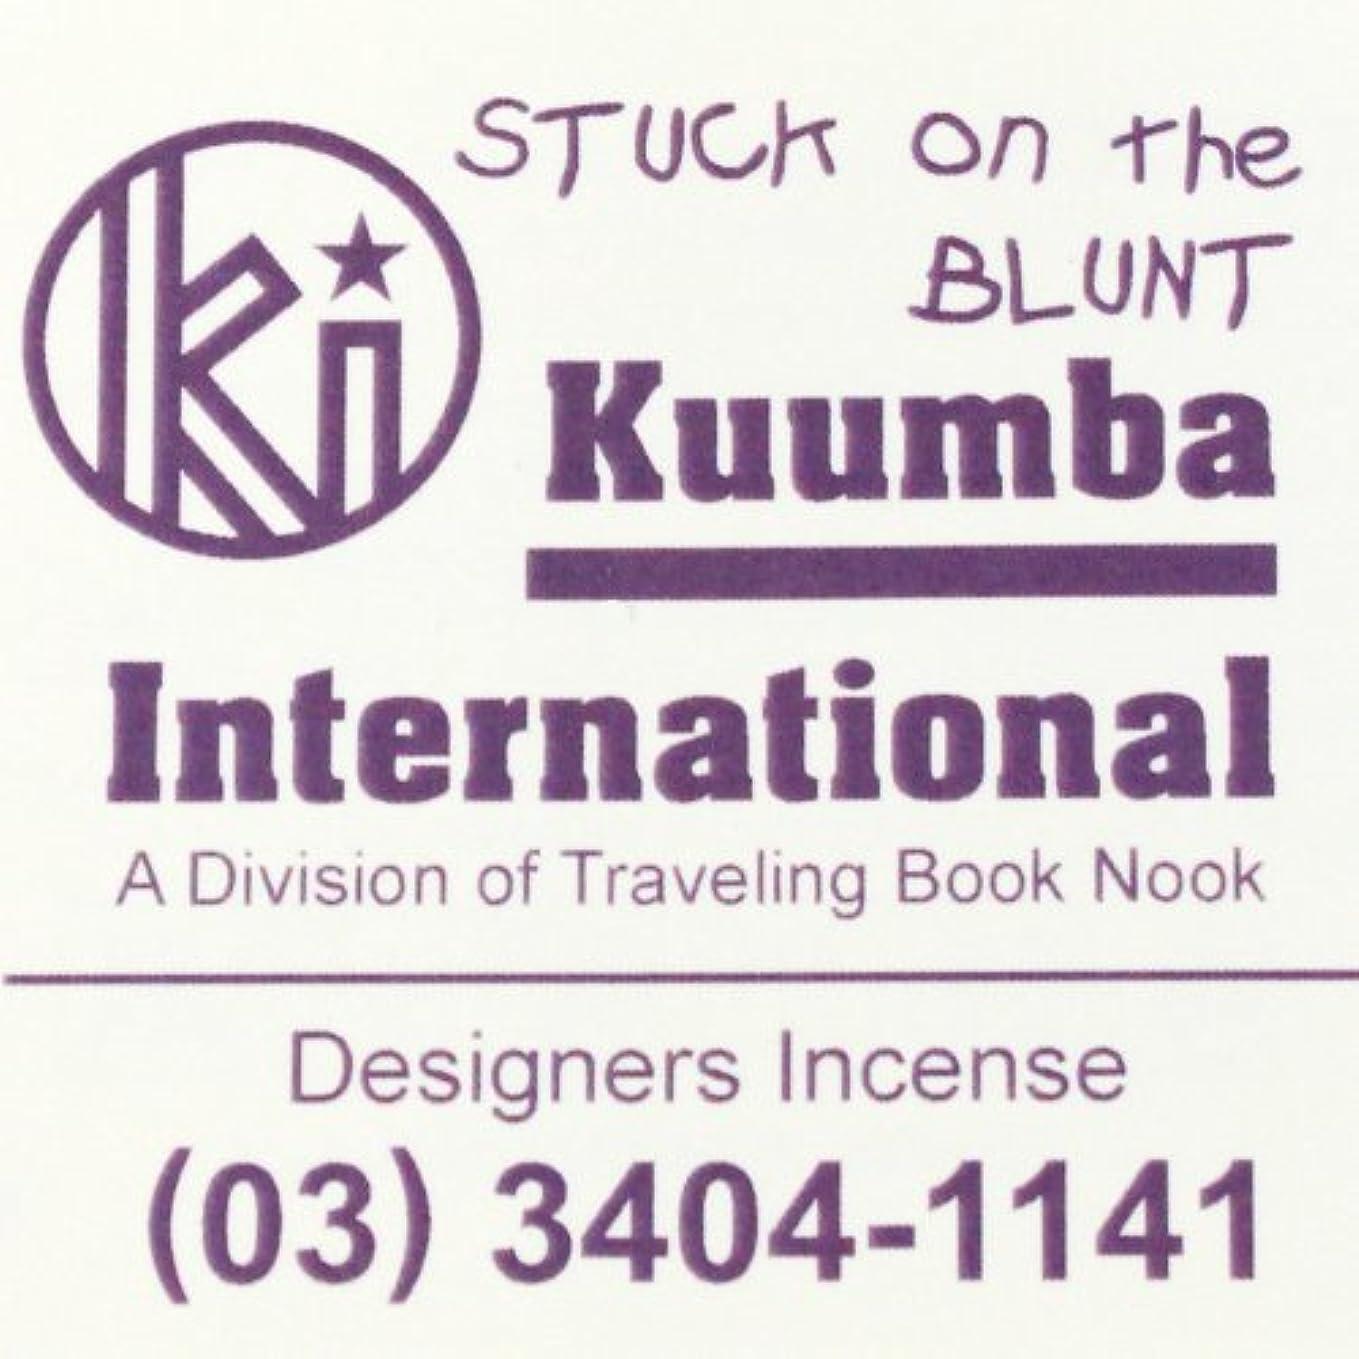 悲しいことに退化する欠員(クンバ) KUUMBA『incense』(STUCK on the BLUNT) (Regular size)